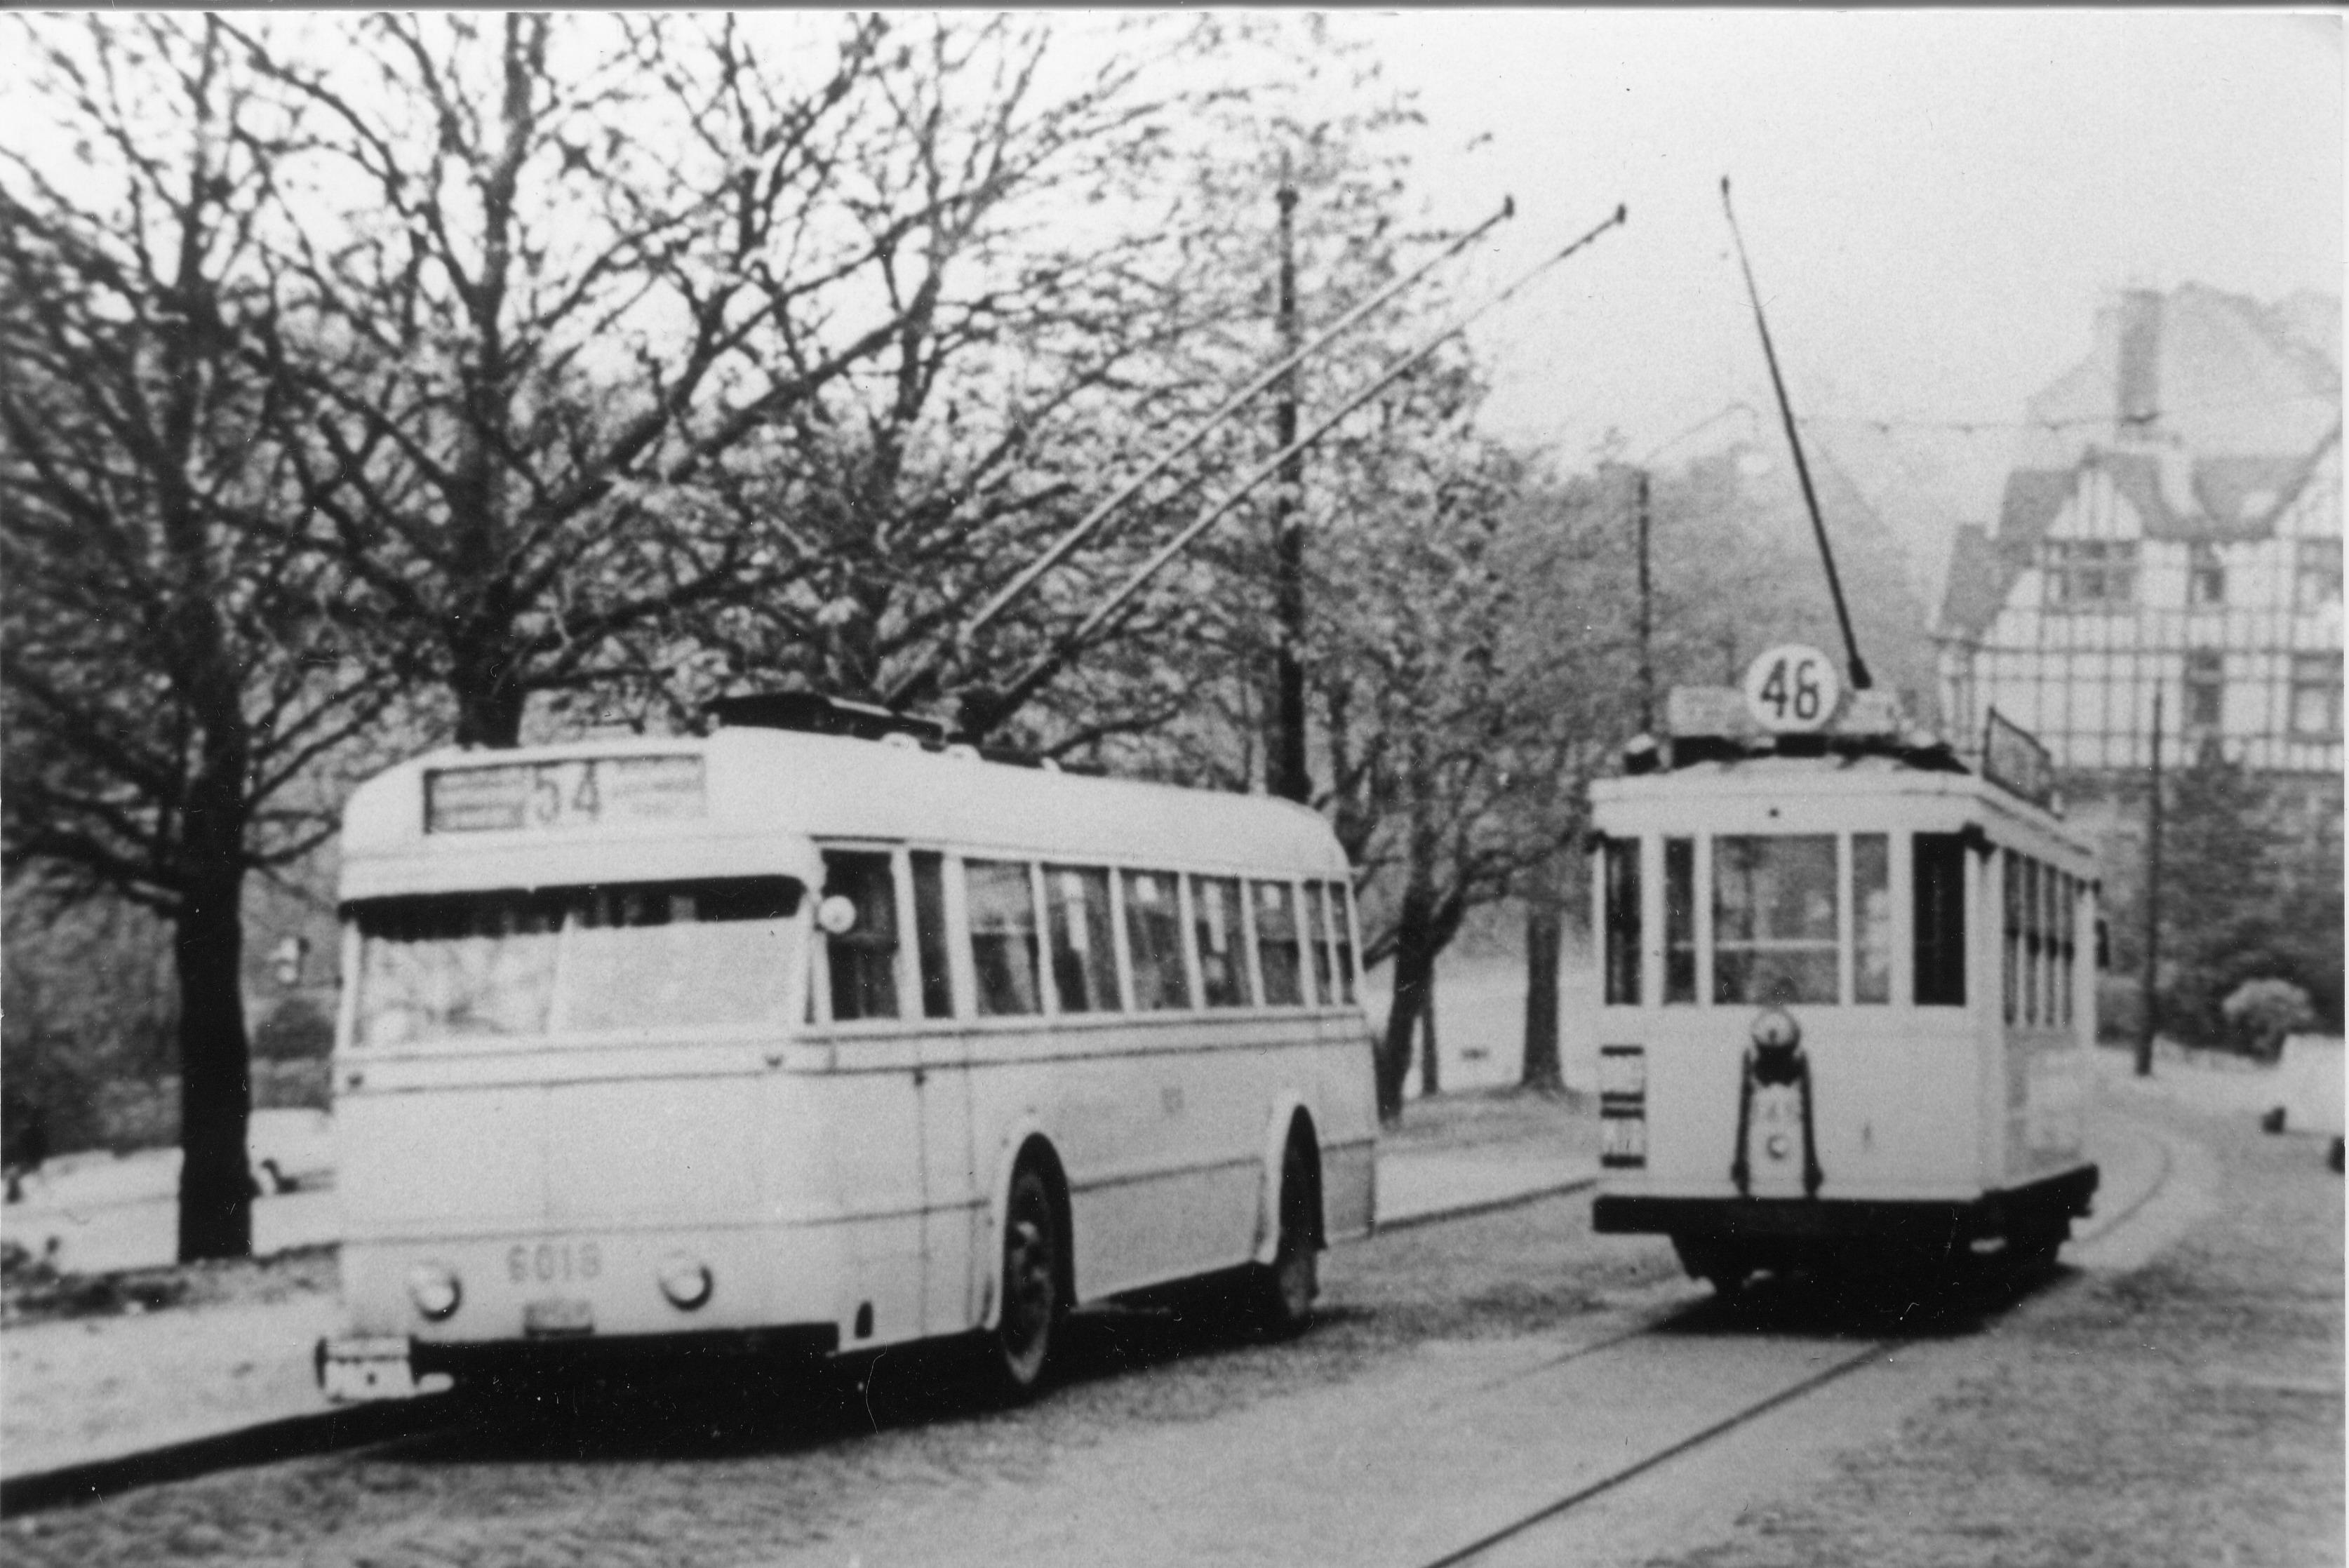 Tram 48 Besmelaan foto © Robert Temmerman